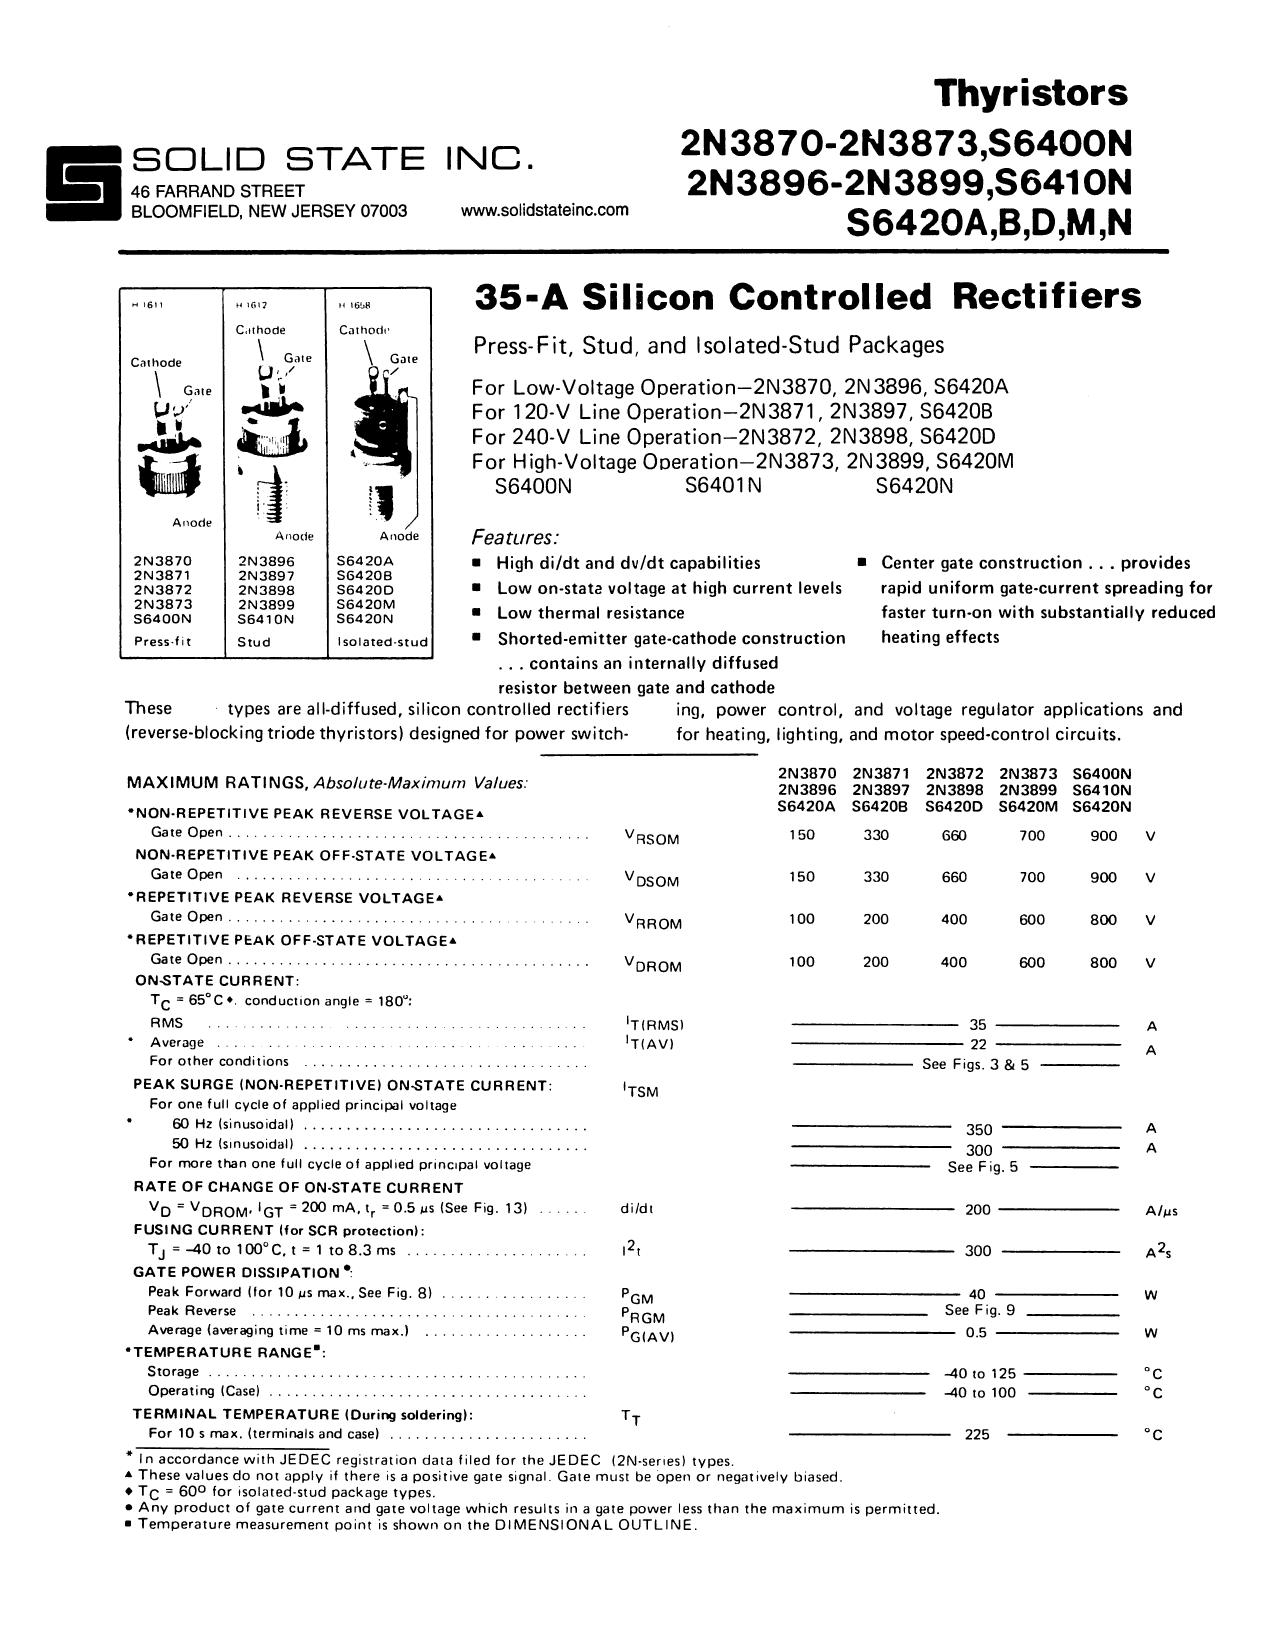 2N3898 دیتاشیت PDF